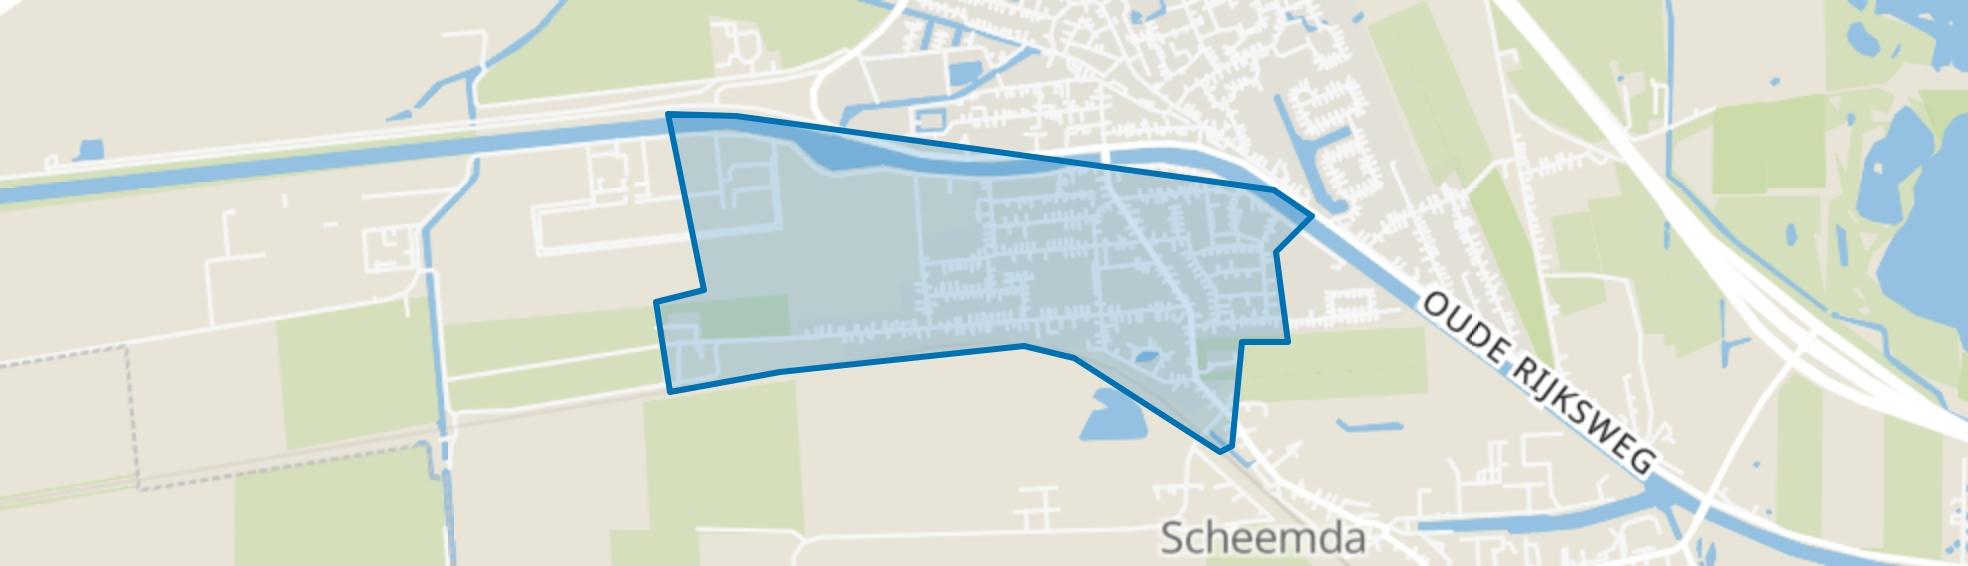 Eexta, Scheemda map